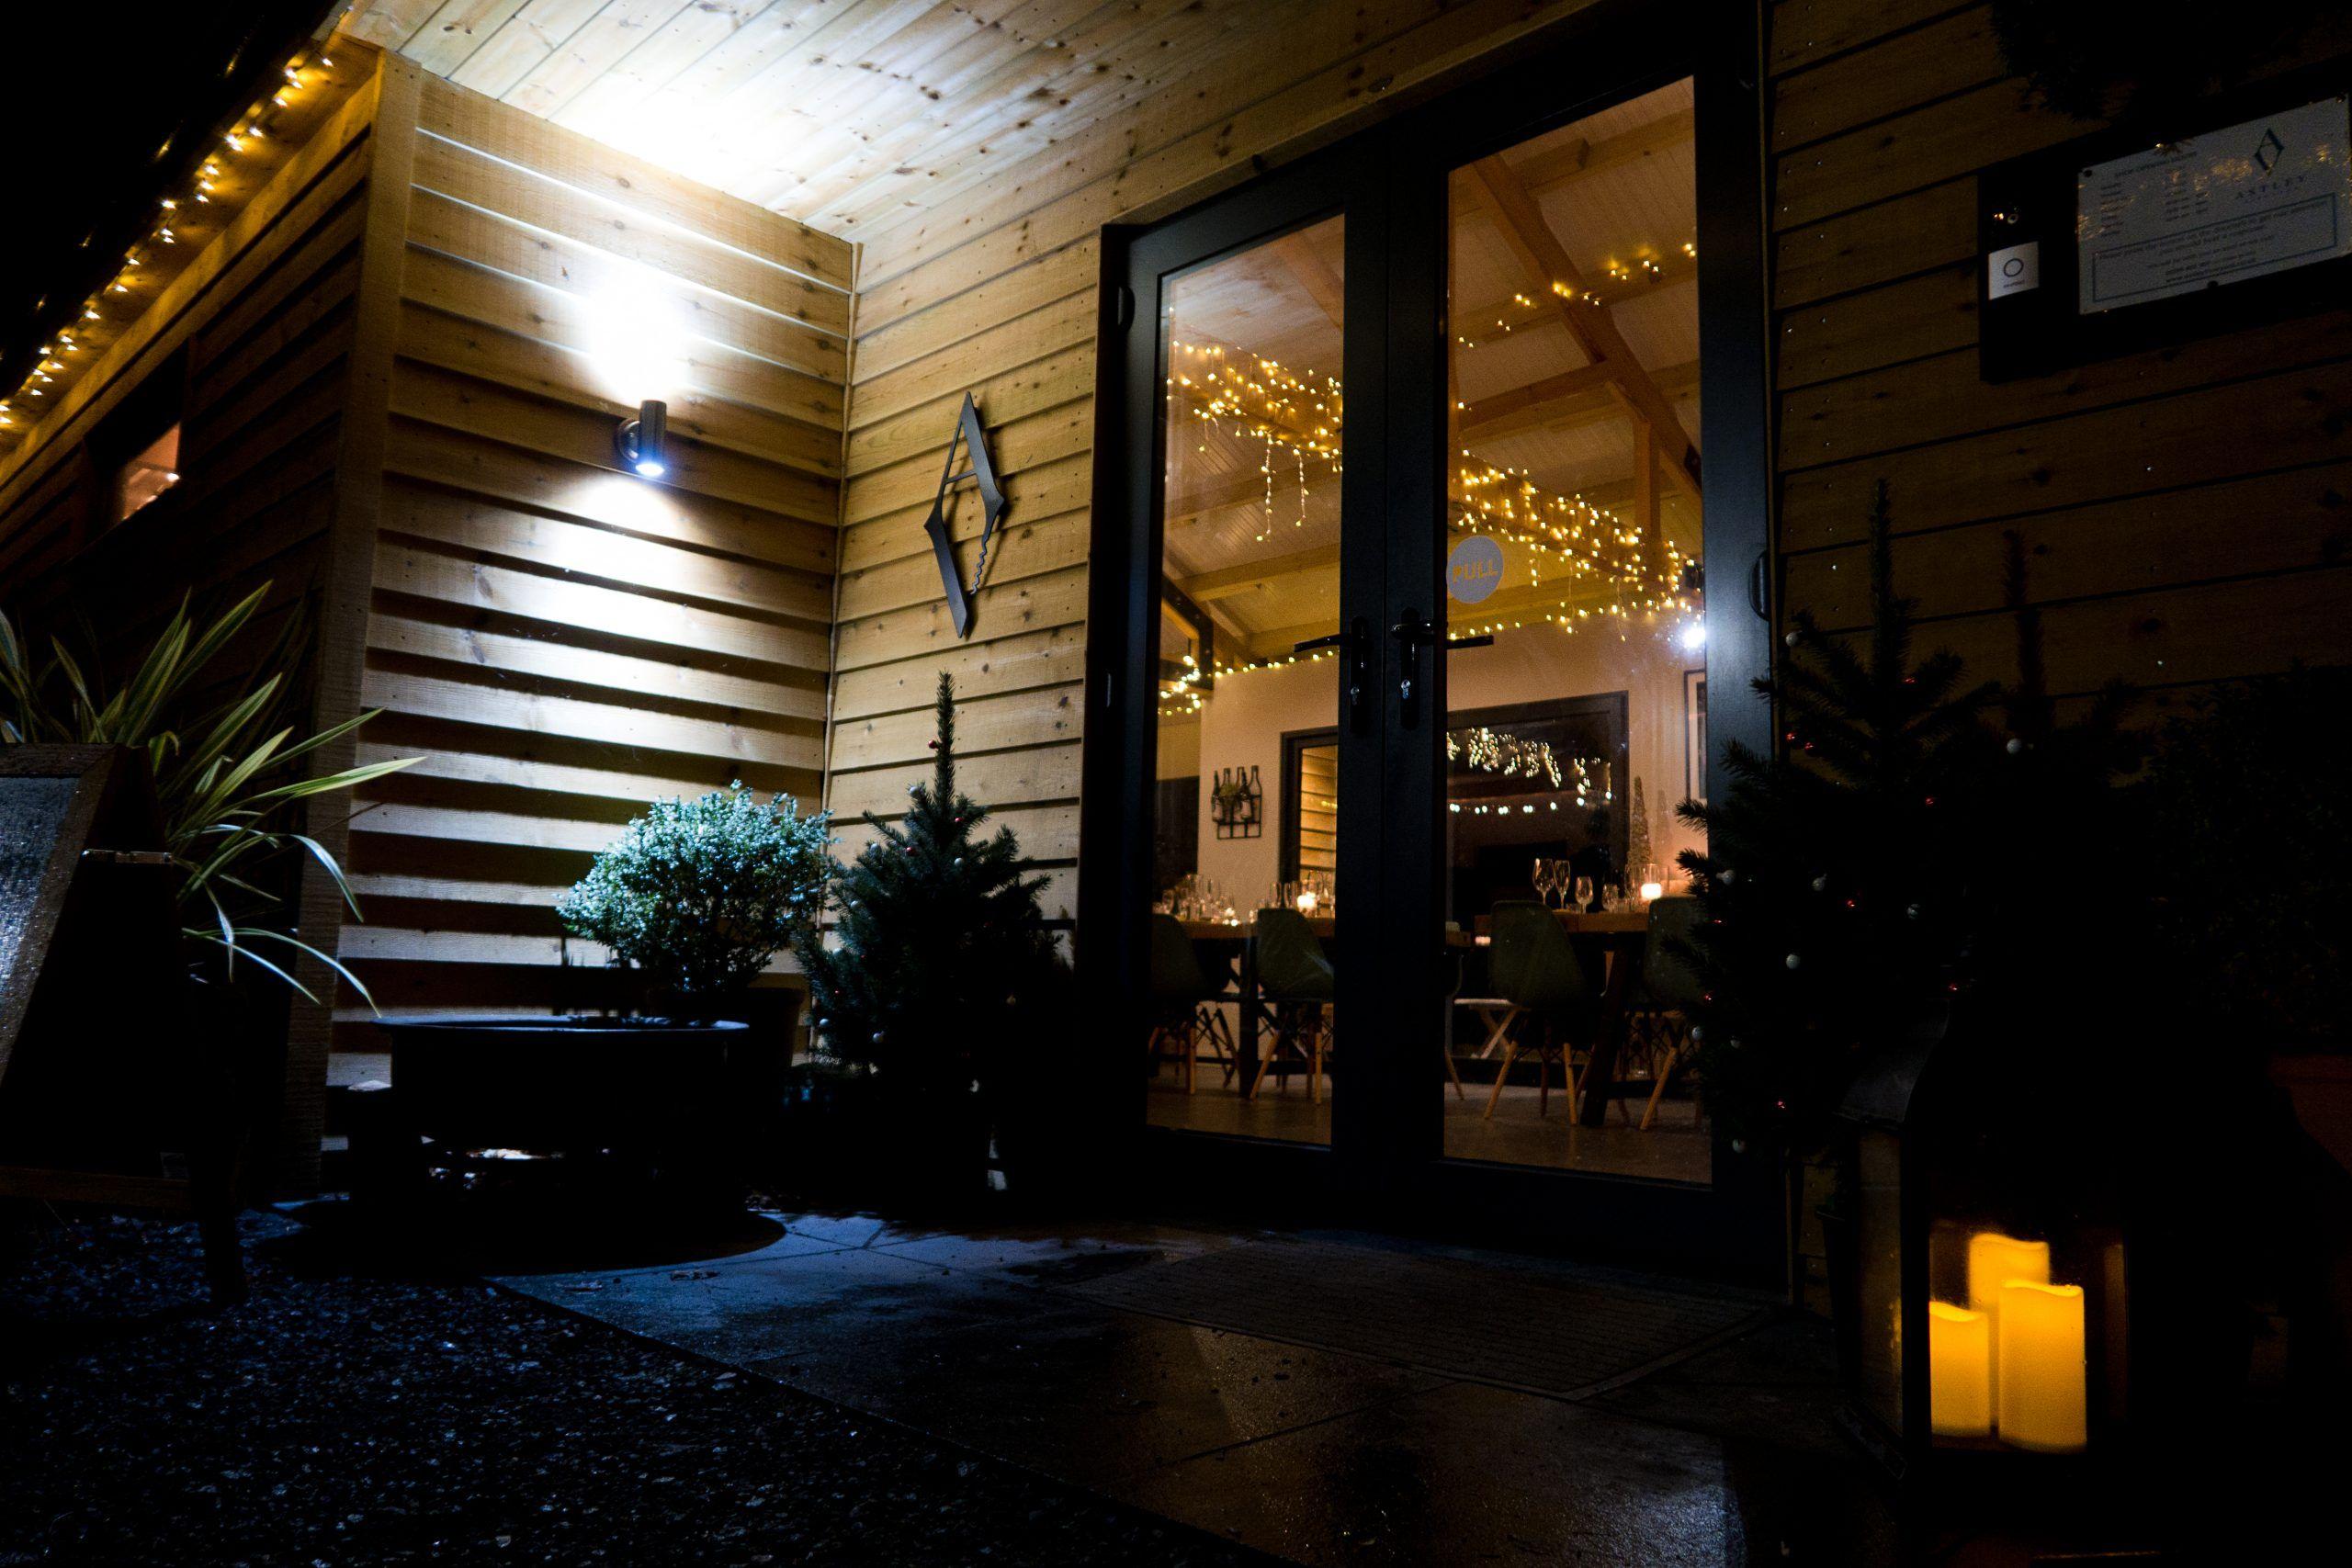 Astley Vineyard - cellar door at night